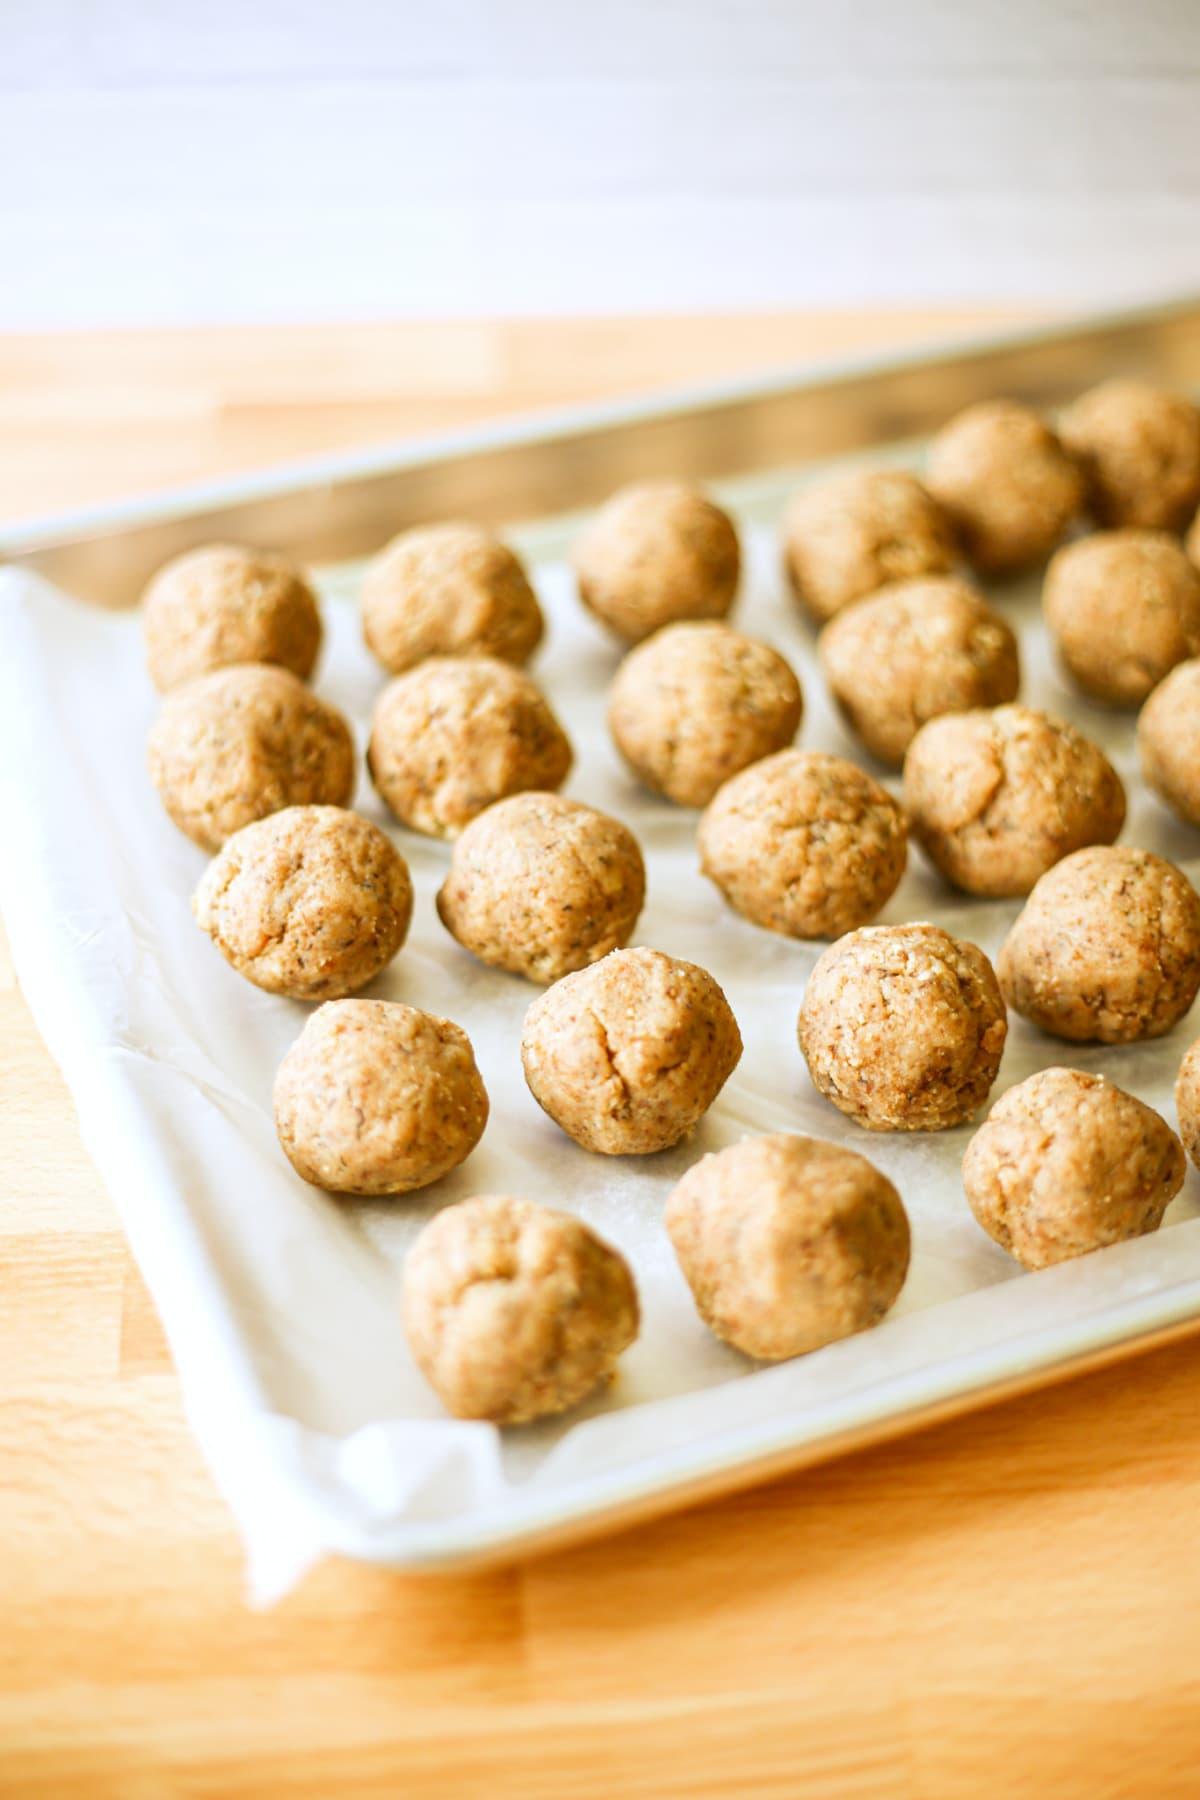 Cake balls on a baking pan